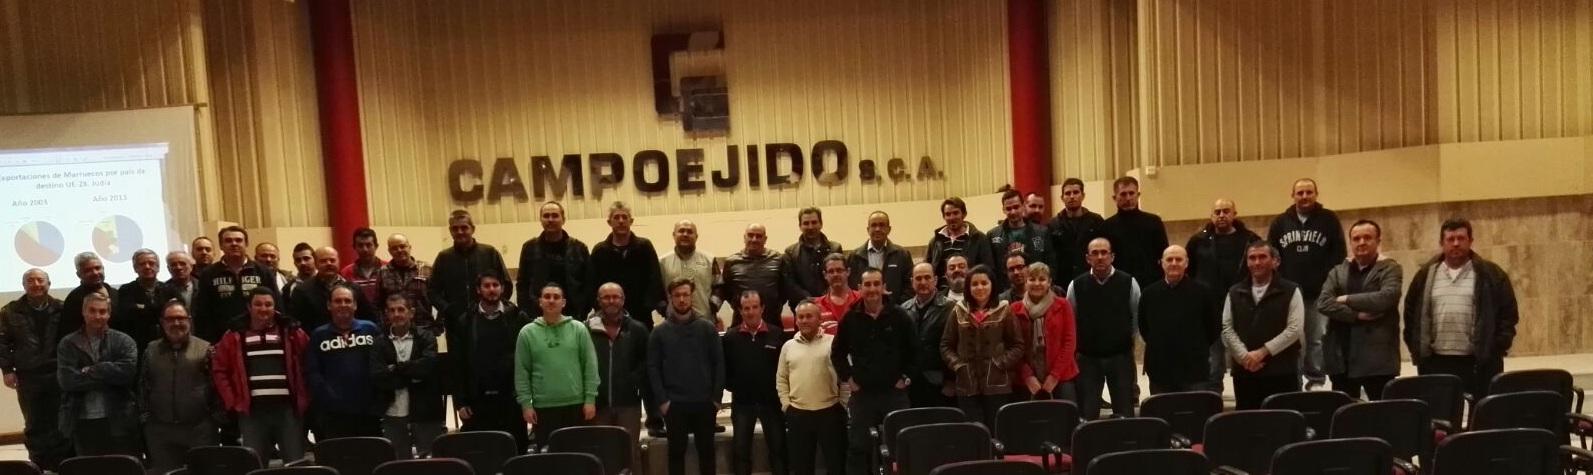 Reunión en Campoejido de los agricultores del movimiento del cortijo cero